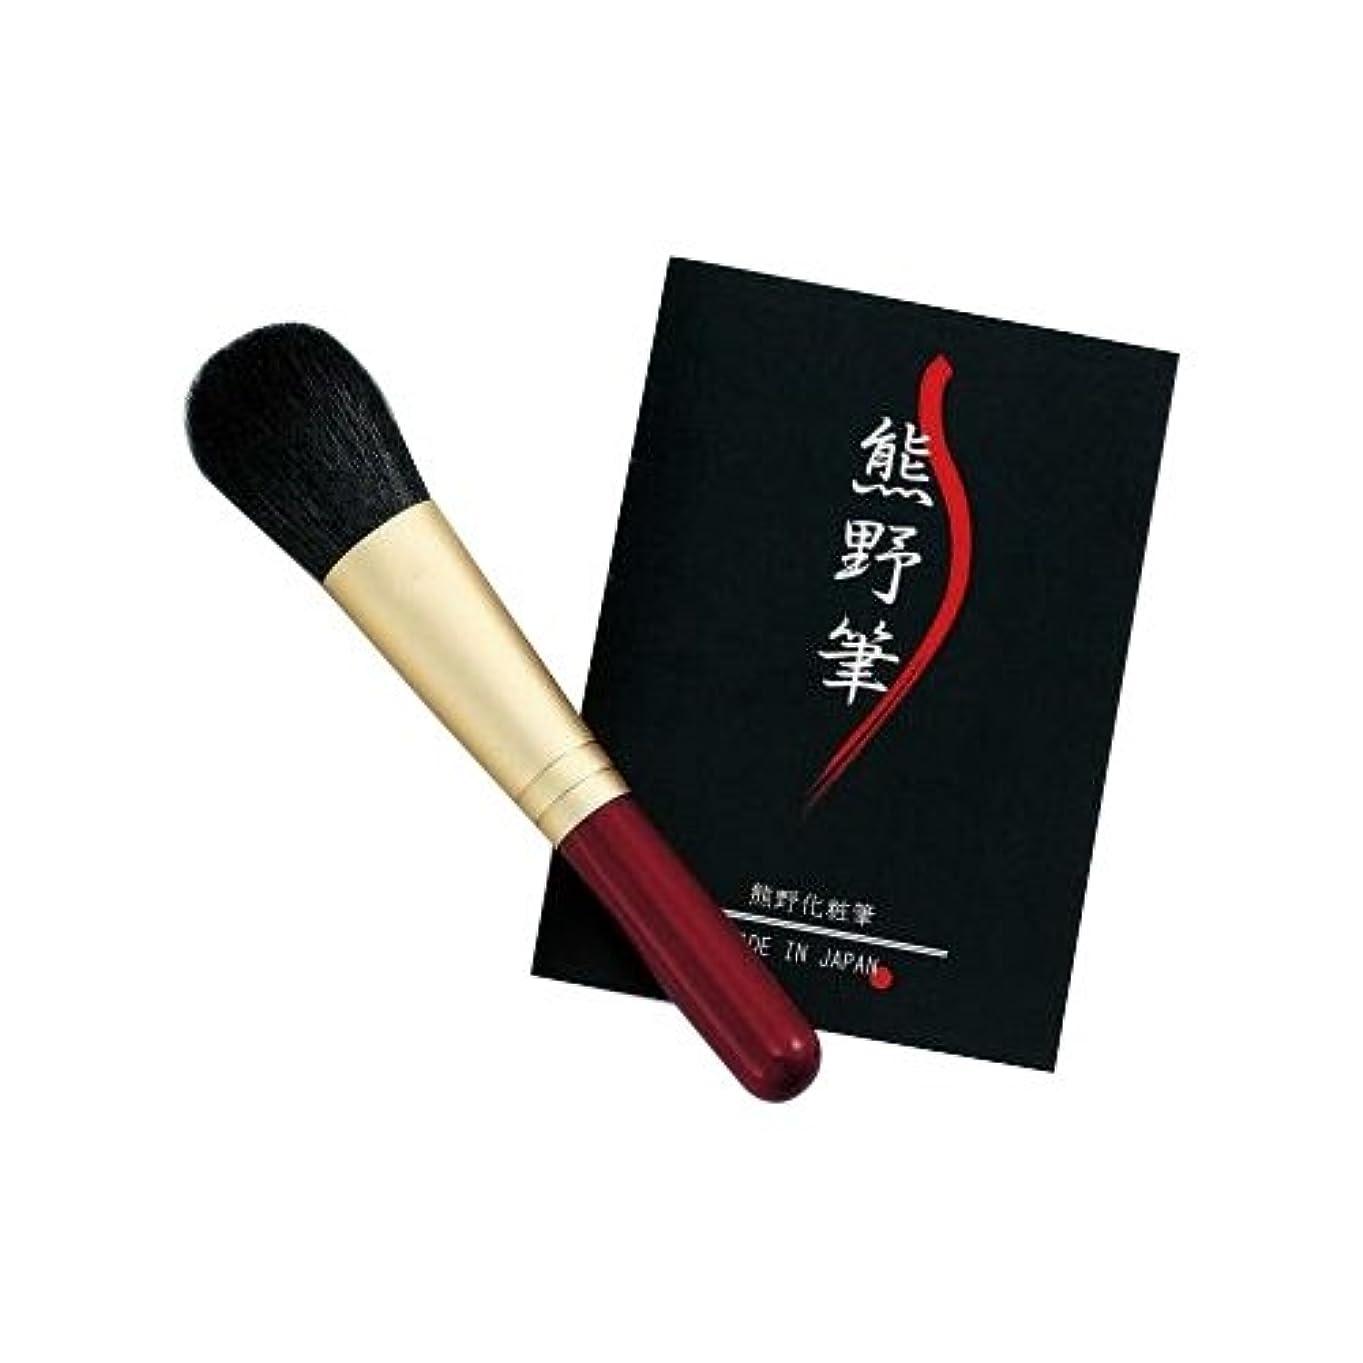 うねる選出する有名なゼニス 熊野化粧筆 筆の心 チークブラシ(ショート)